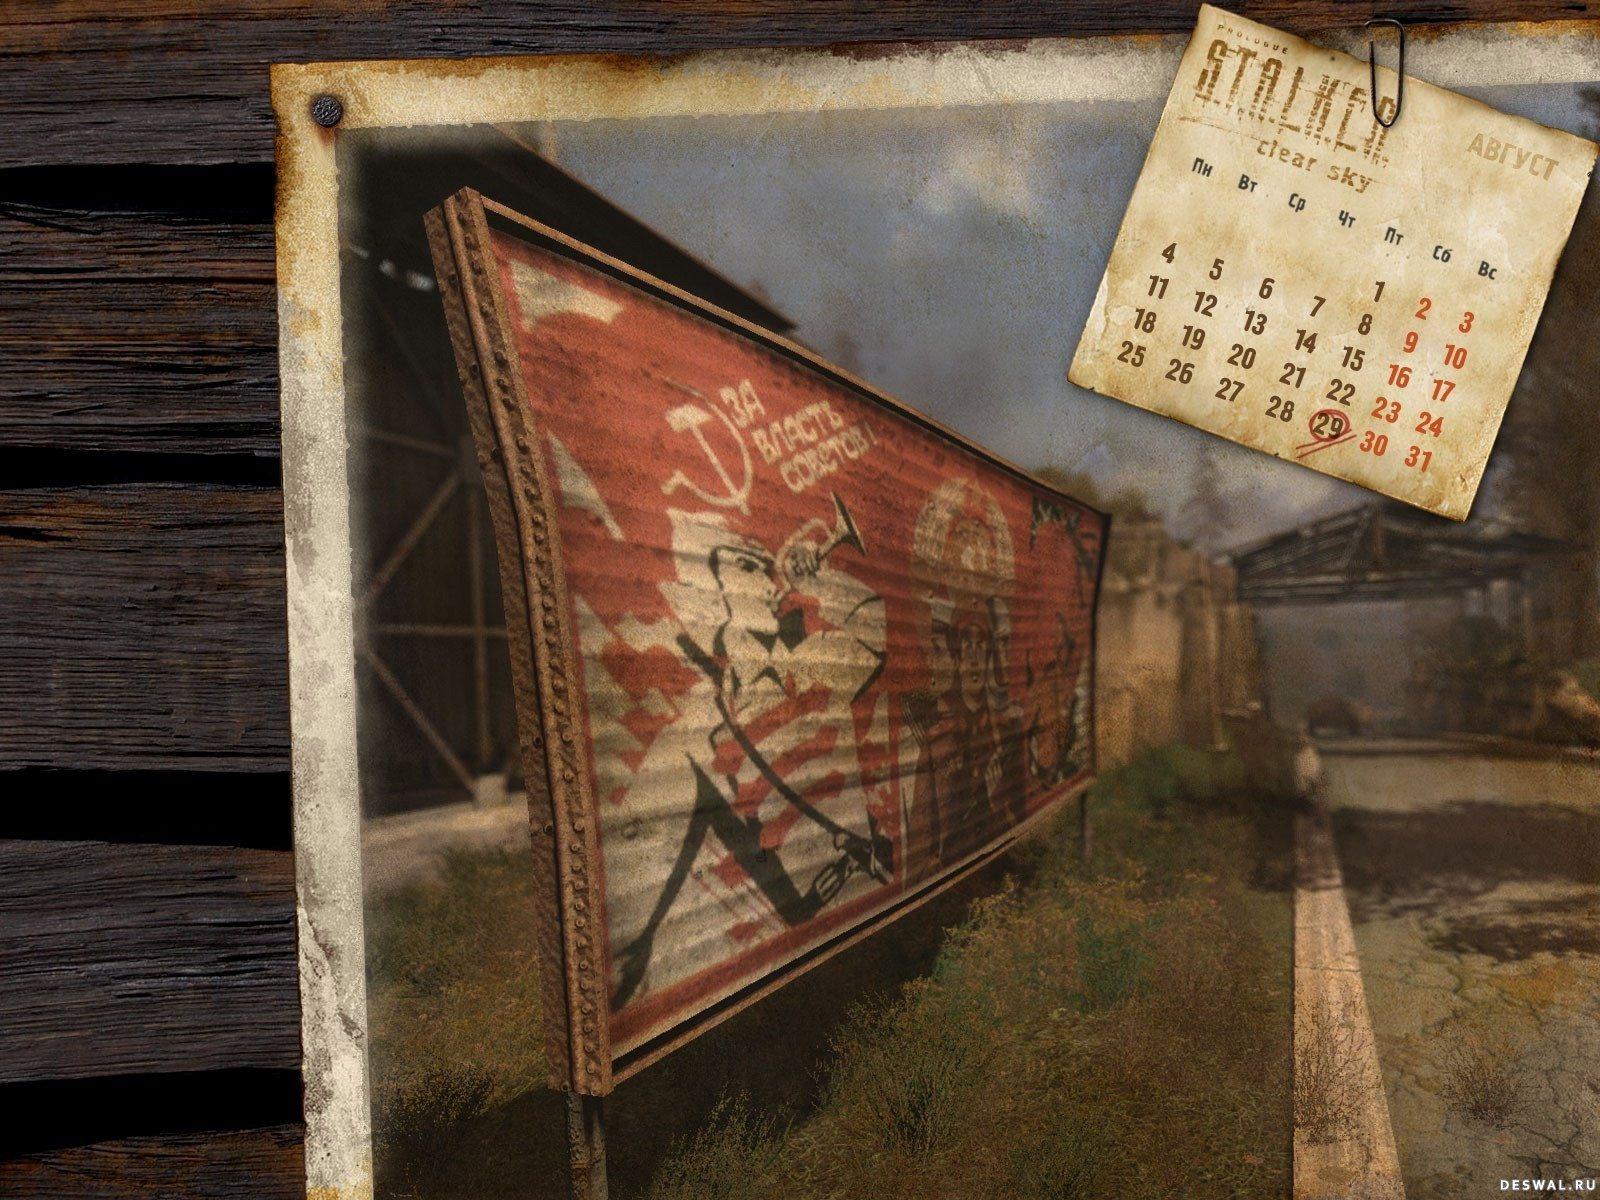 Фото 4.. Нажмите на картинку с компьютерной игрой, чтобы просмотреть ее в реальном размере